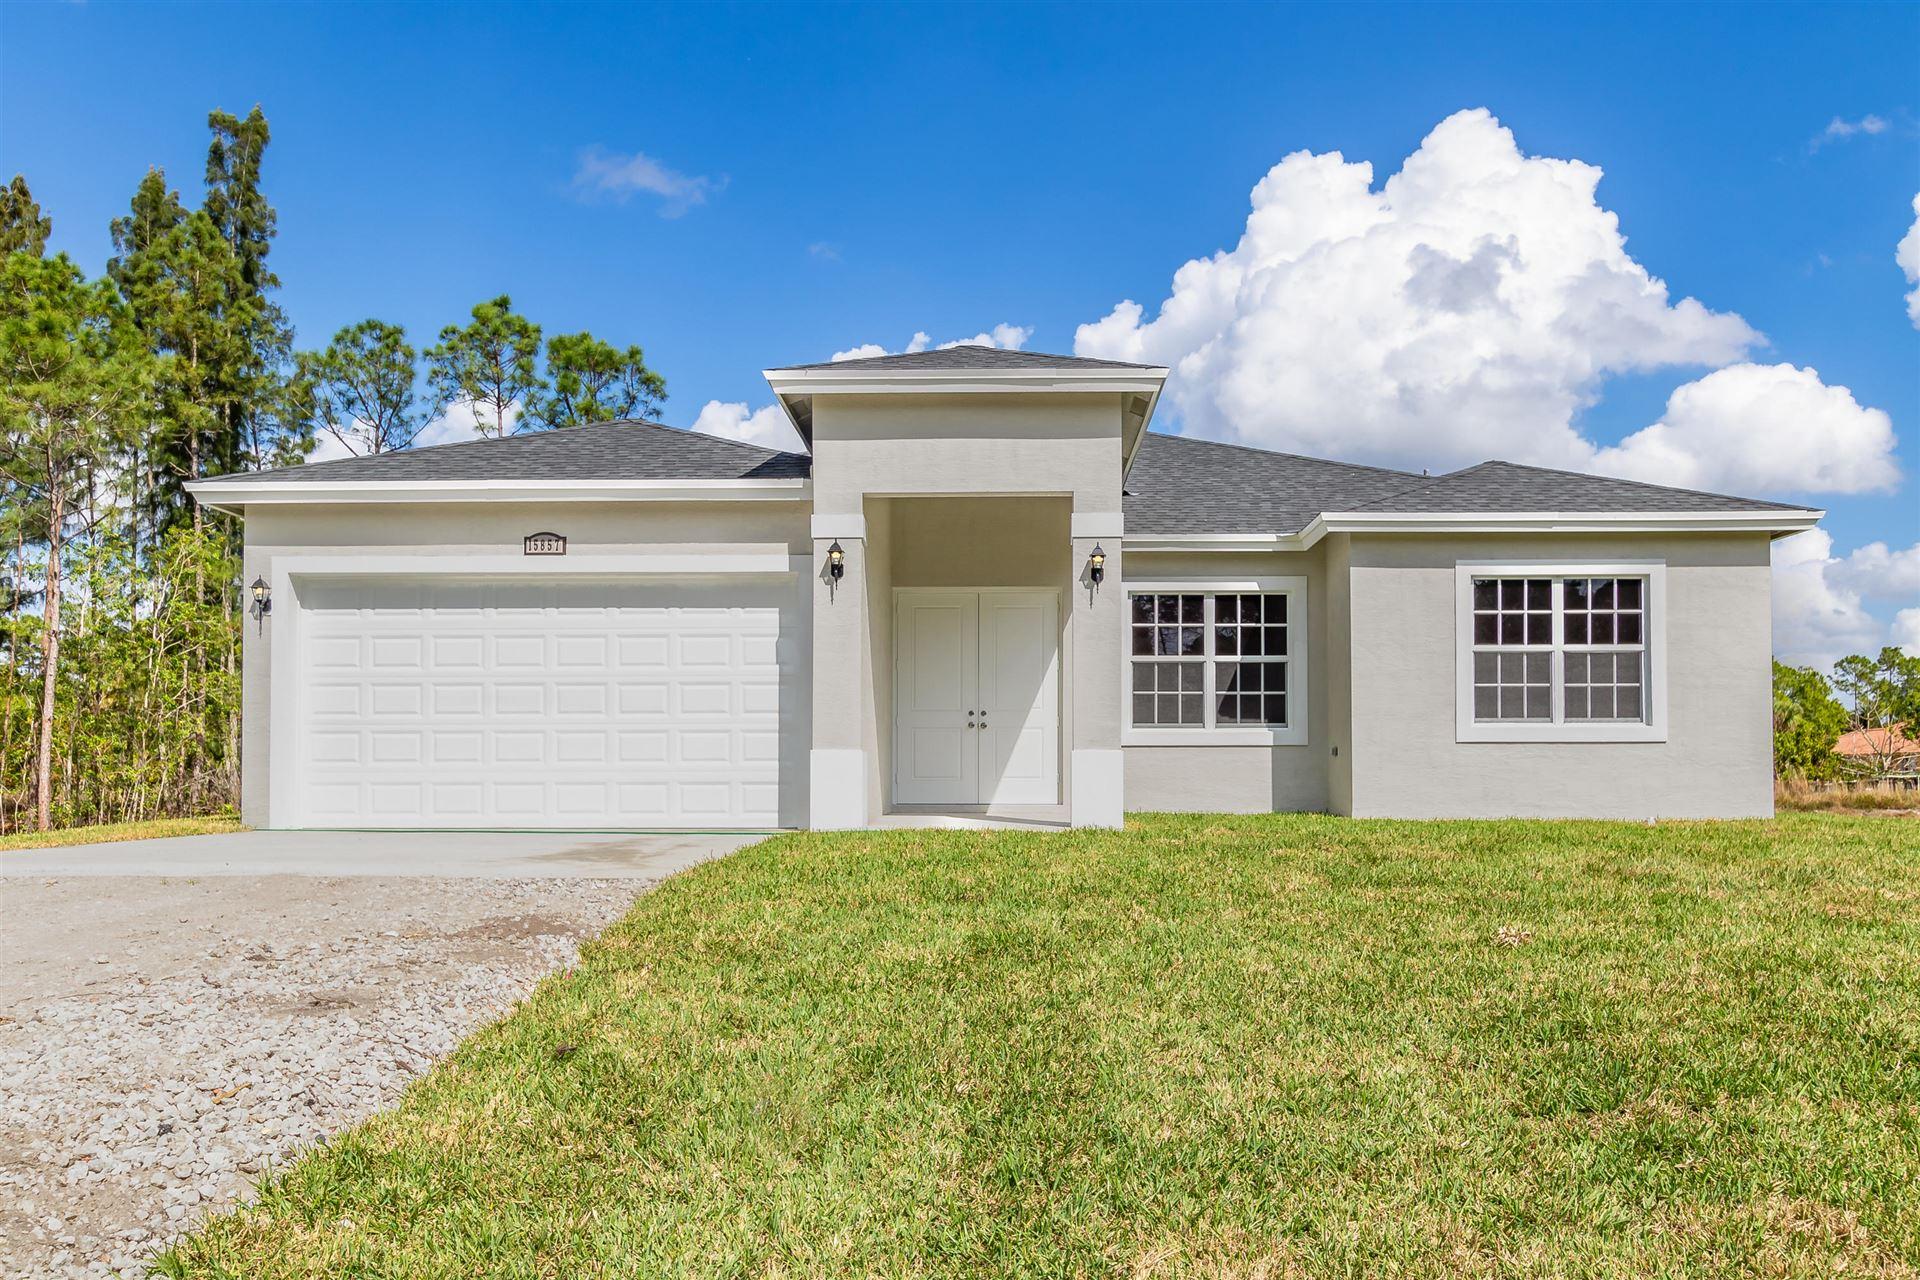 17107 92nd Lane N, Loxahatchee, FL 33470 - MLS#: RX-10712377